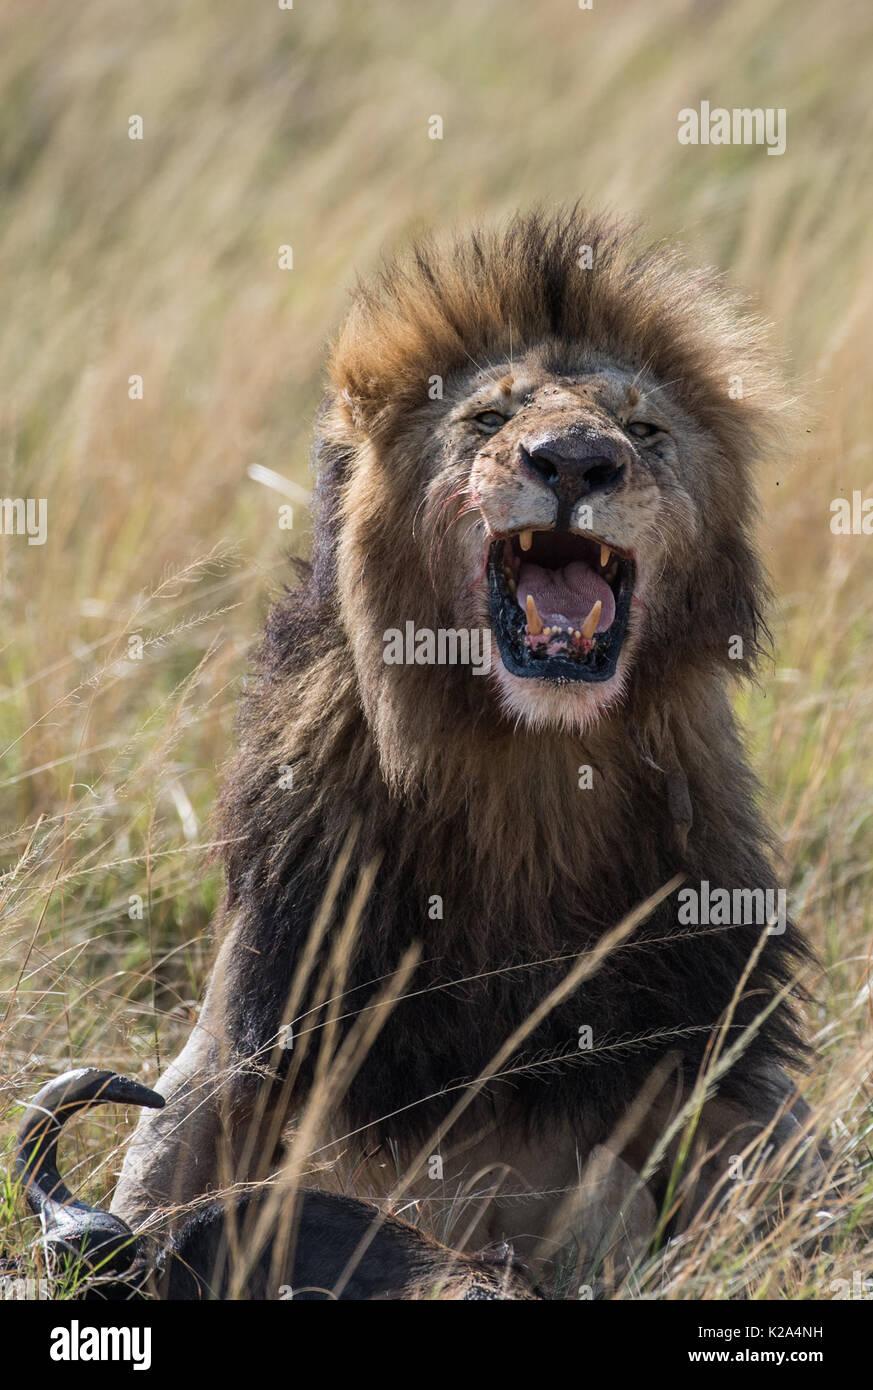 Nairobi, Kenya. 29th Aug, 2017. A lion roars after hunting at the Maasai Mara National Reserve, Kenya, Aug. 29, 2017. Credit: Chen Cheng/Xinhua/Alamy Live News - Stock Image